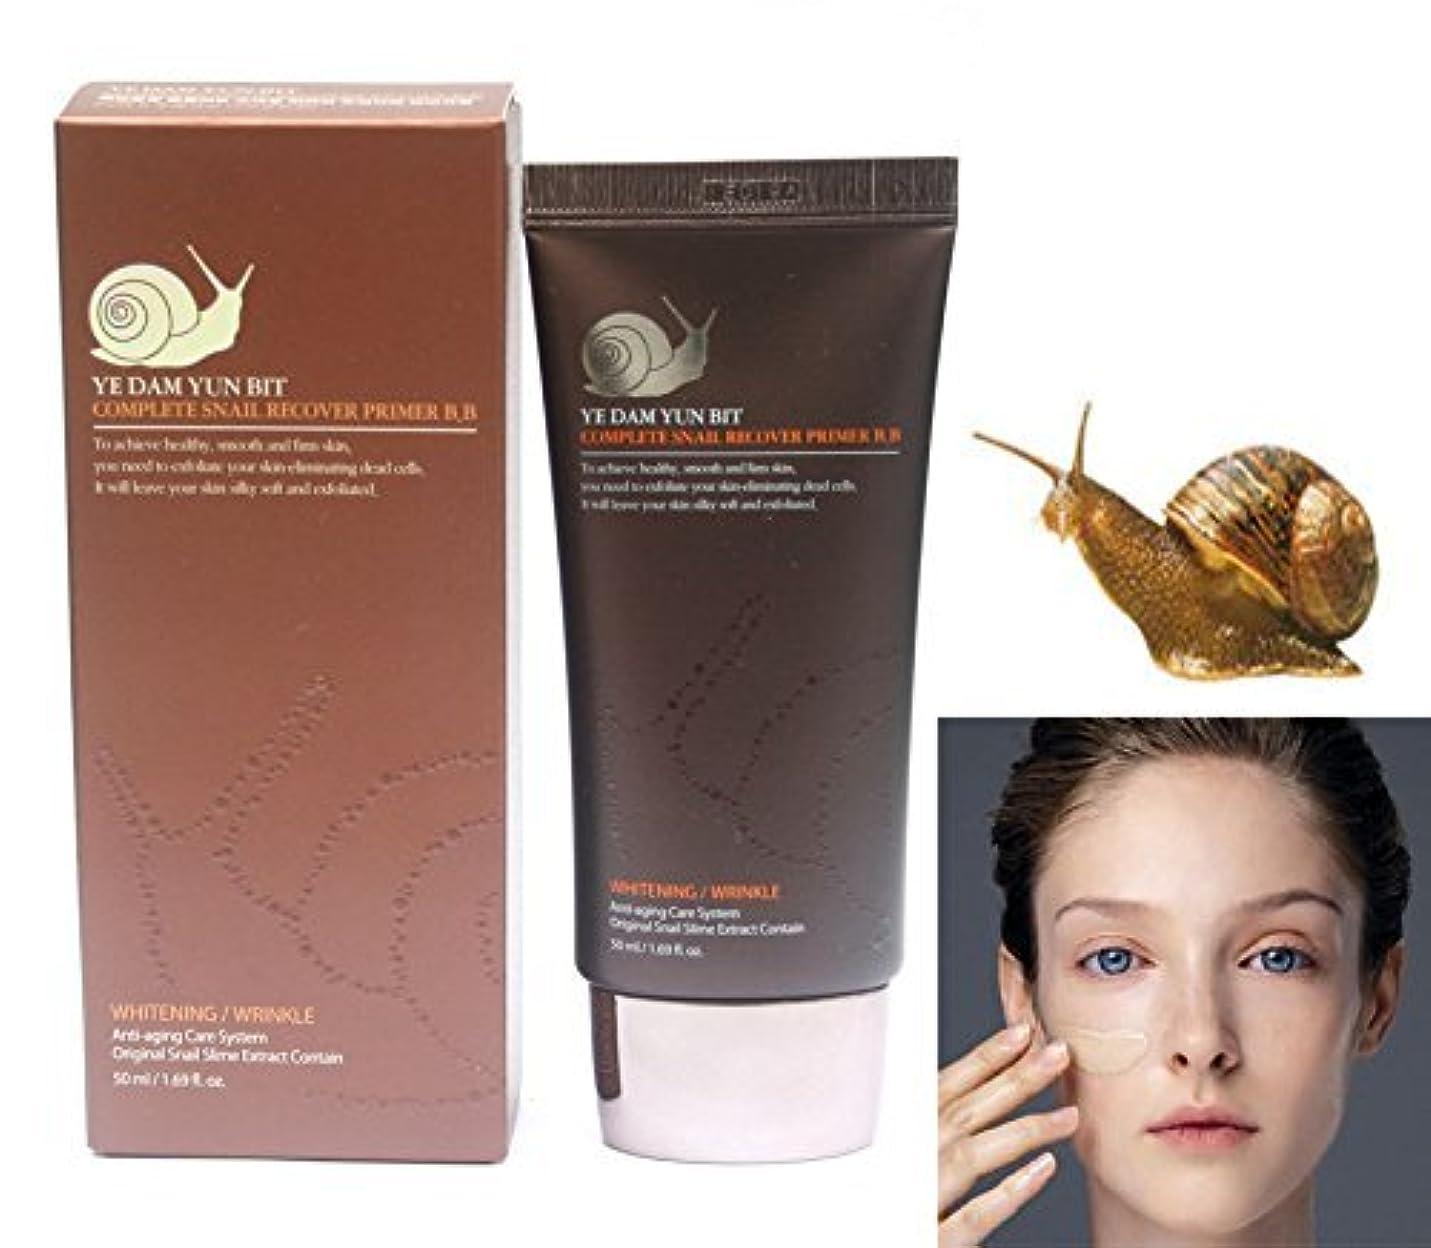 アソシエイトフェザー意図[YEDAM YUNBIT] 完全なカタツムリ?リカバリー?プライマーBB 50ml /韓国化粧品 / Complete Snail Recover Primer BB 50ml / Korean Cosmetics (...